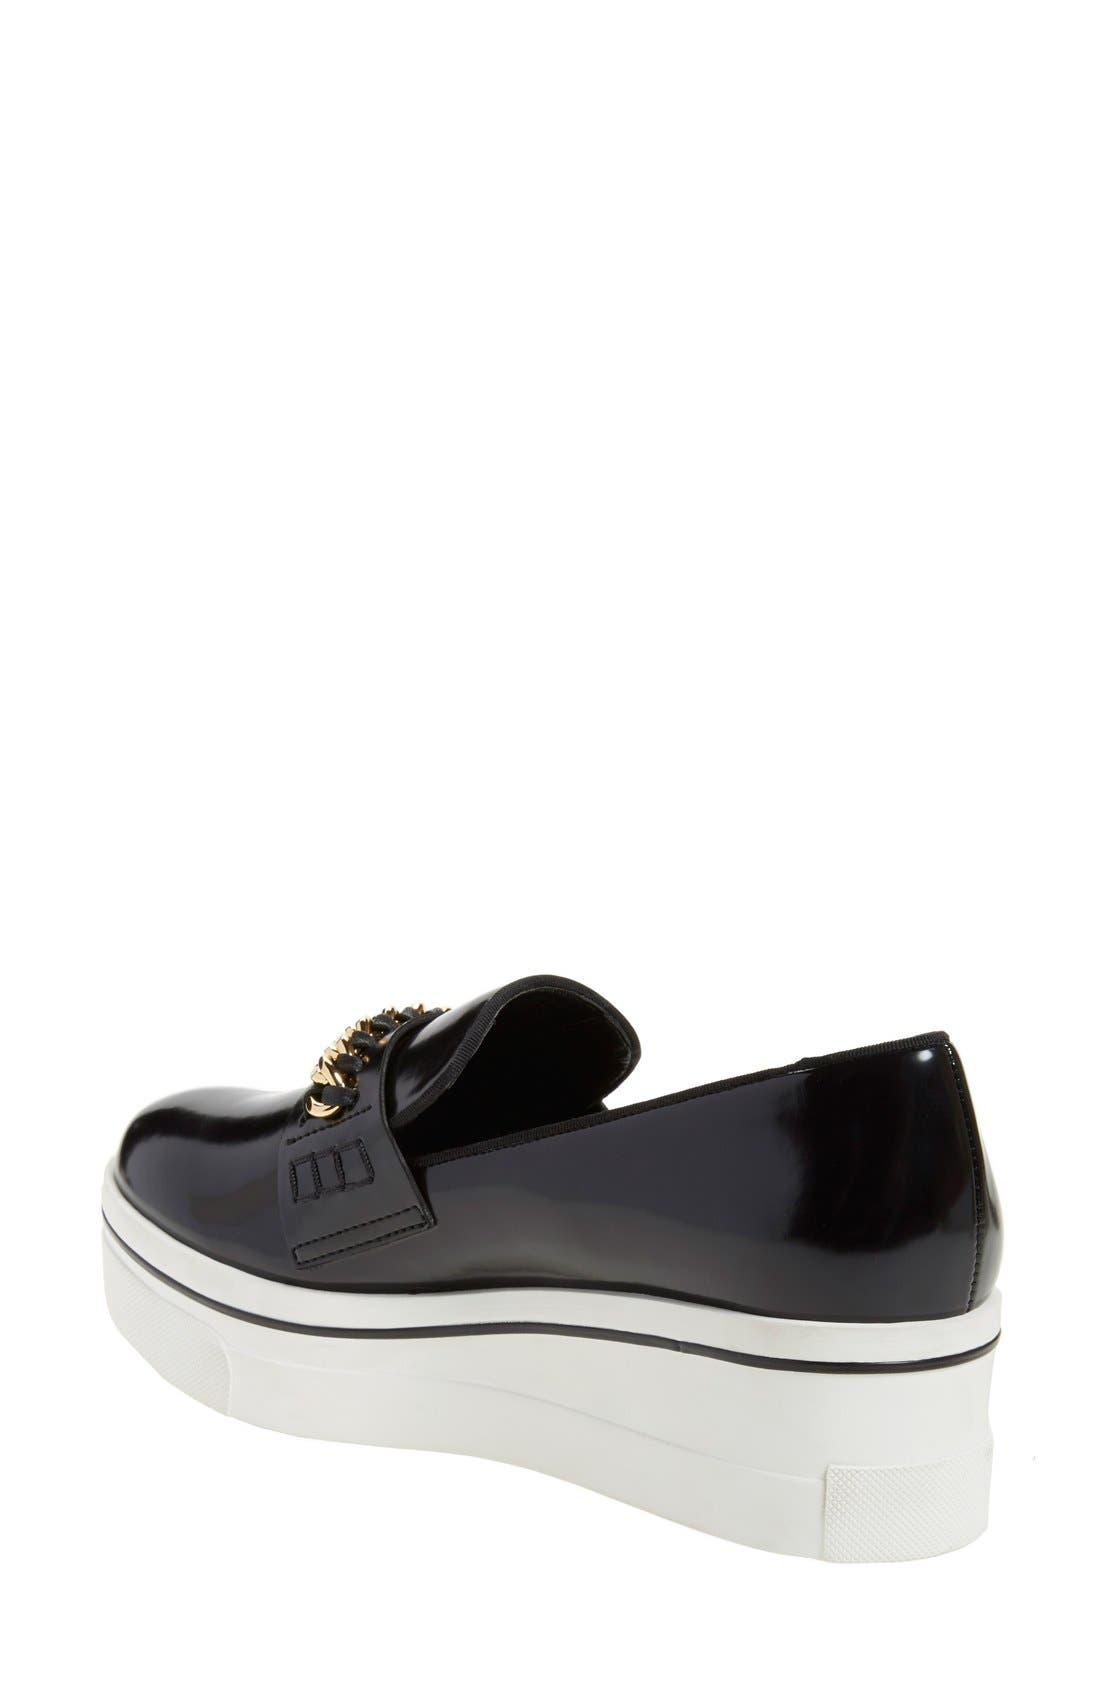 'Binx' Slip-On Platform Sneaker,                             Alternate thumbnail 2, color,                             001